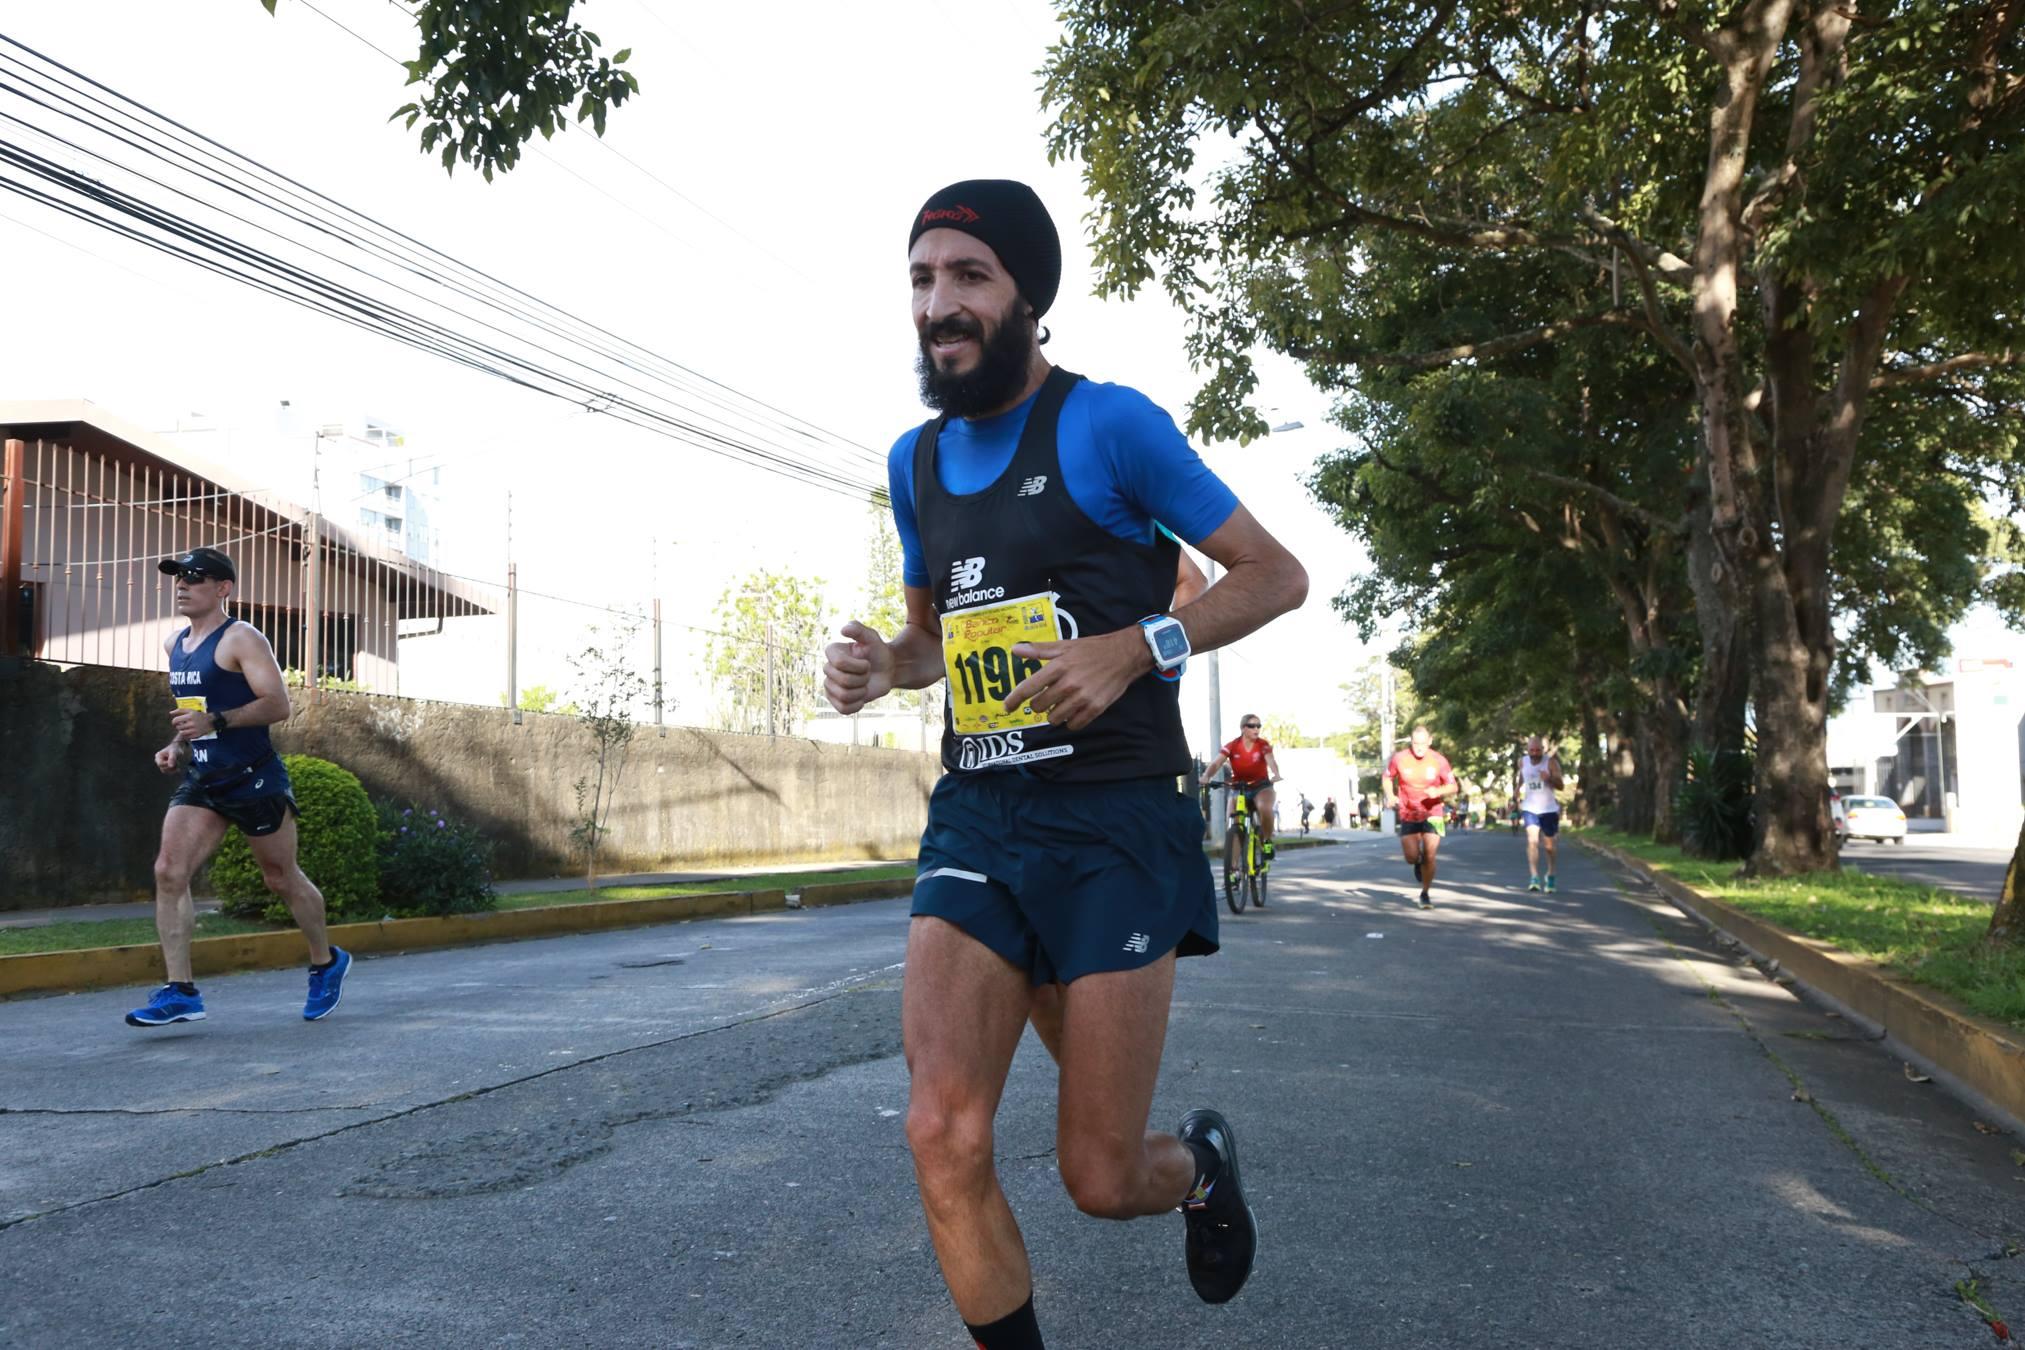 Periodización inversa aplicada al maratón